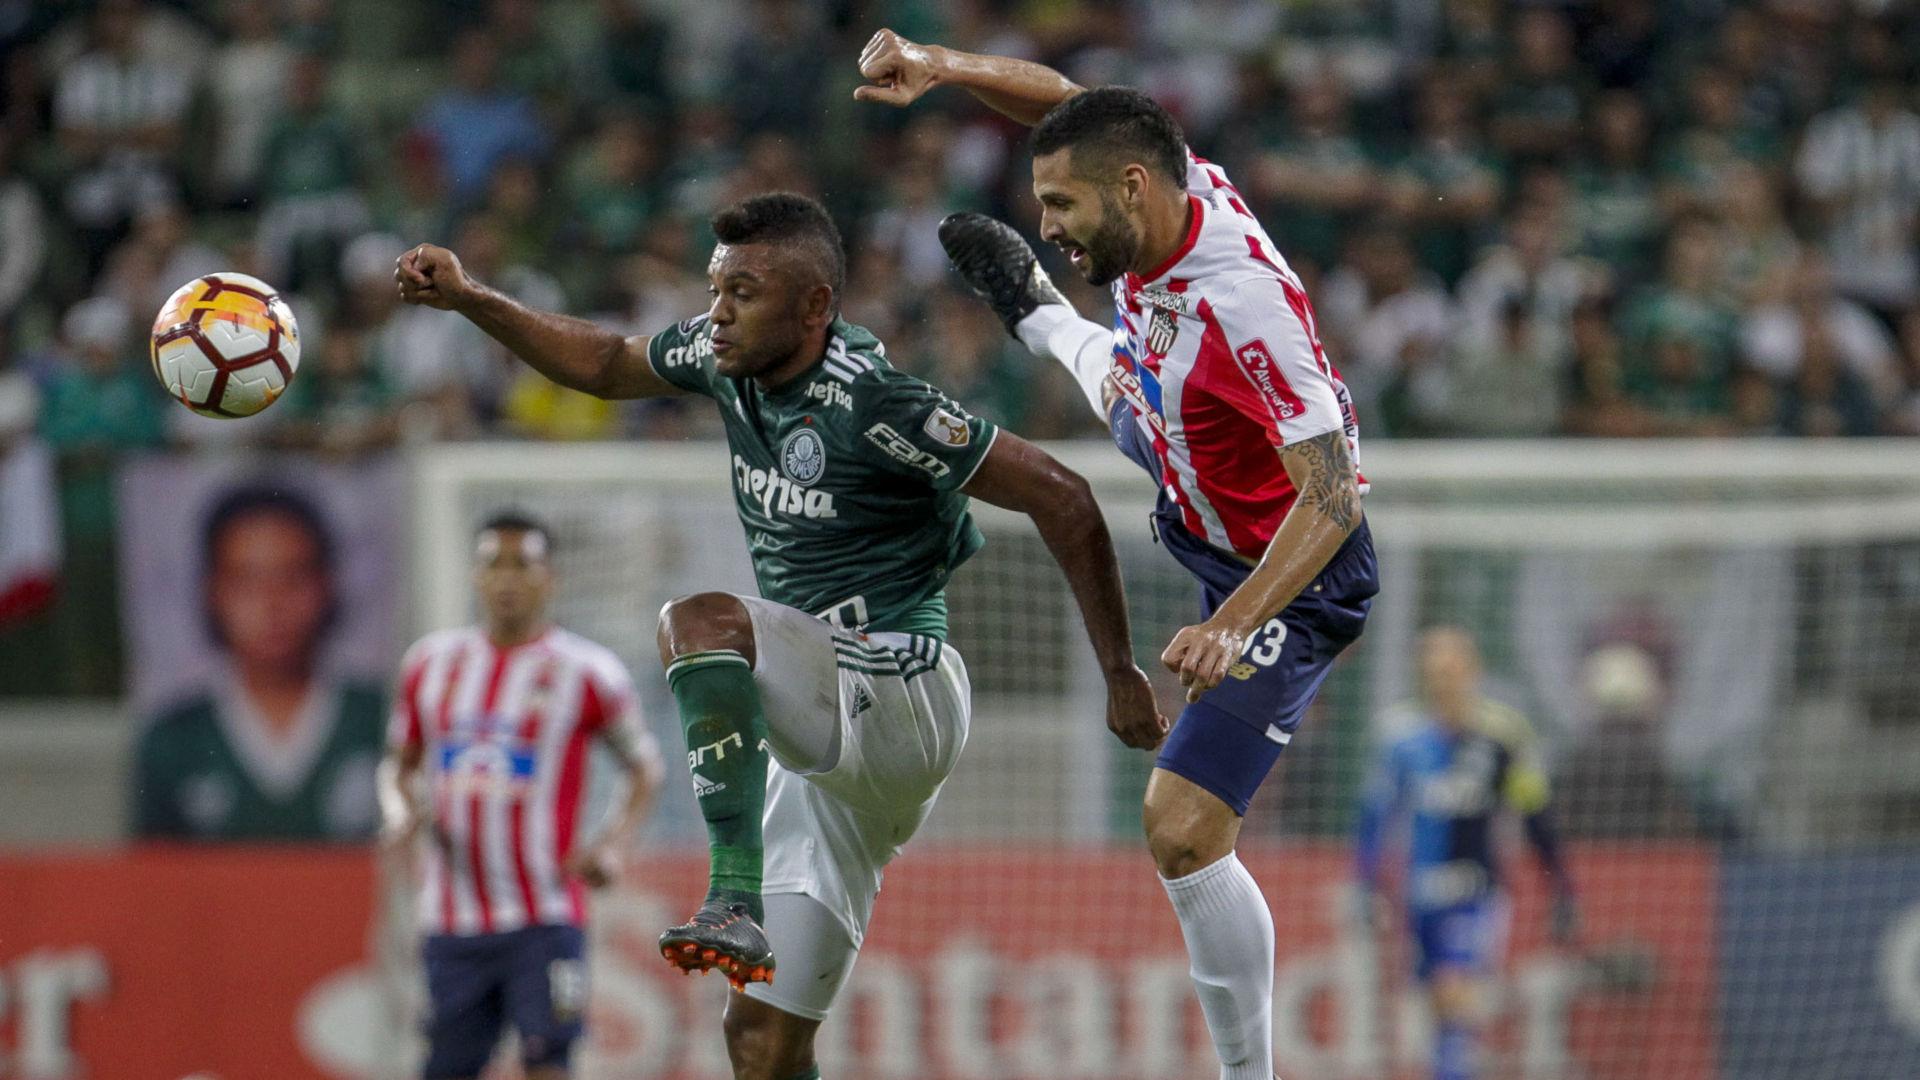 Jonathan Avila Miguel Borja Palmeiras Junior Barranquilla Copa Libertadores 16052018